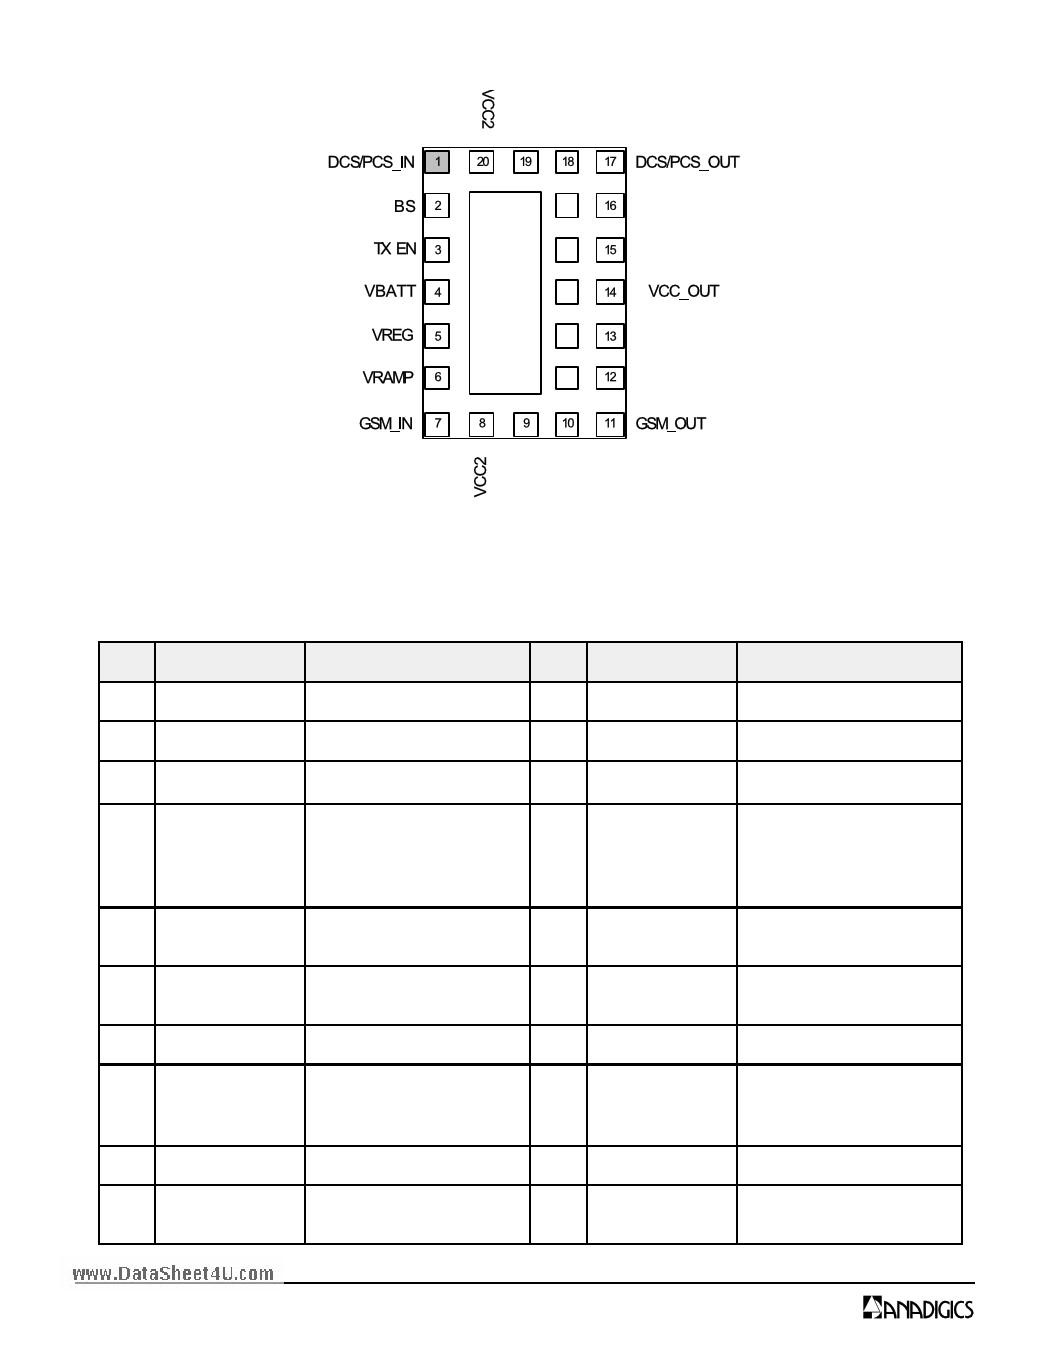 AWT6108 pdf, schematic